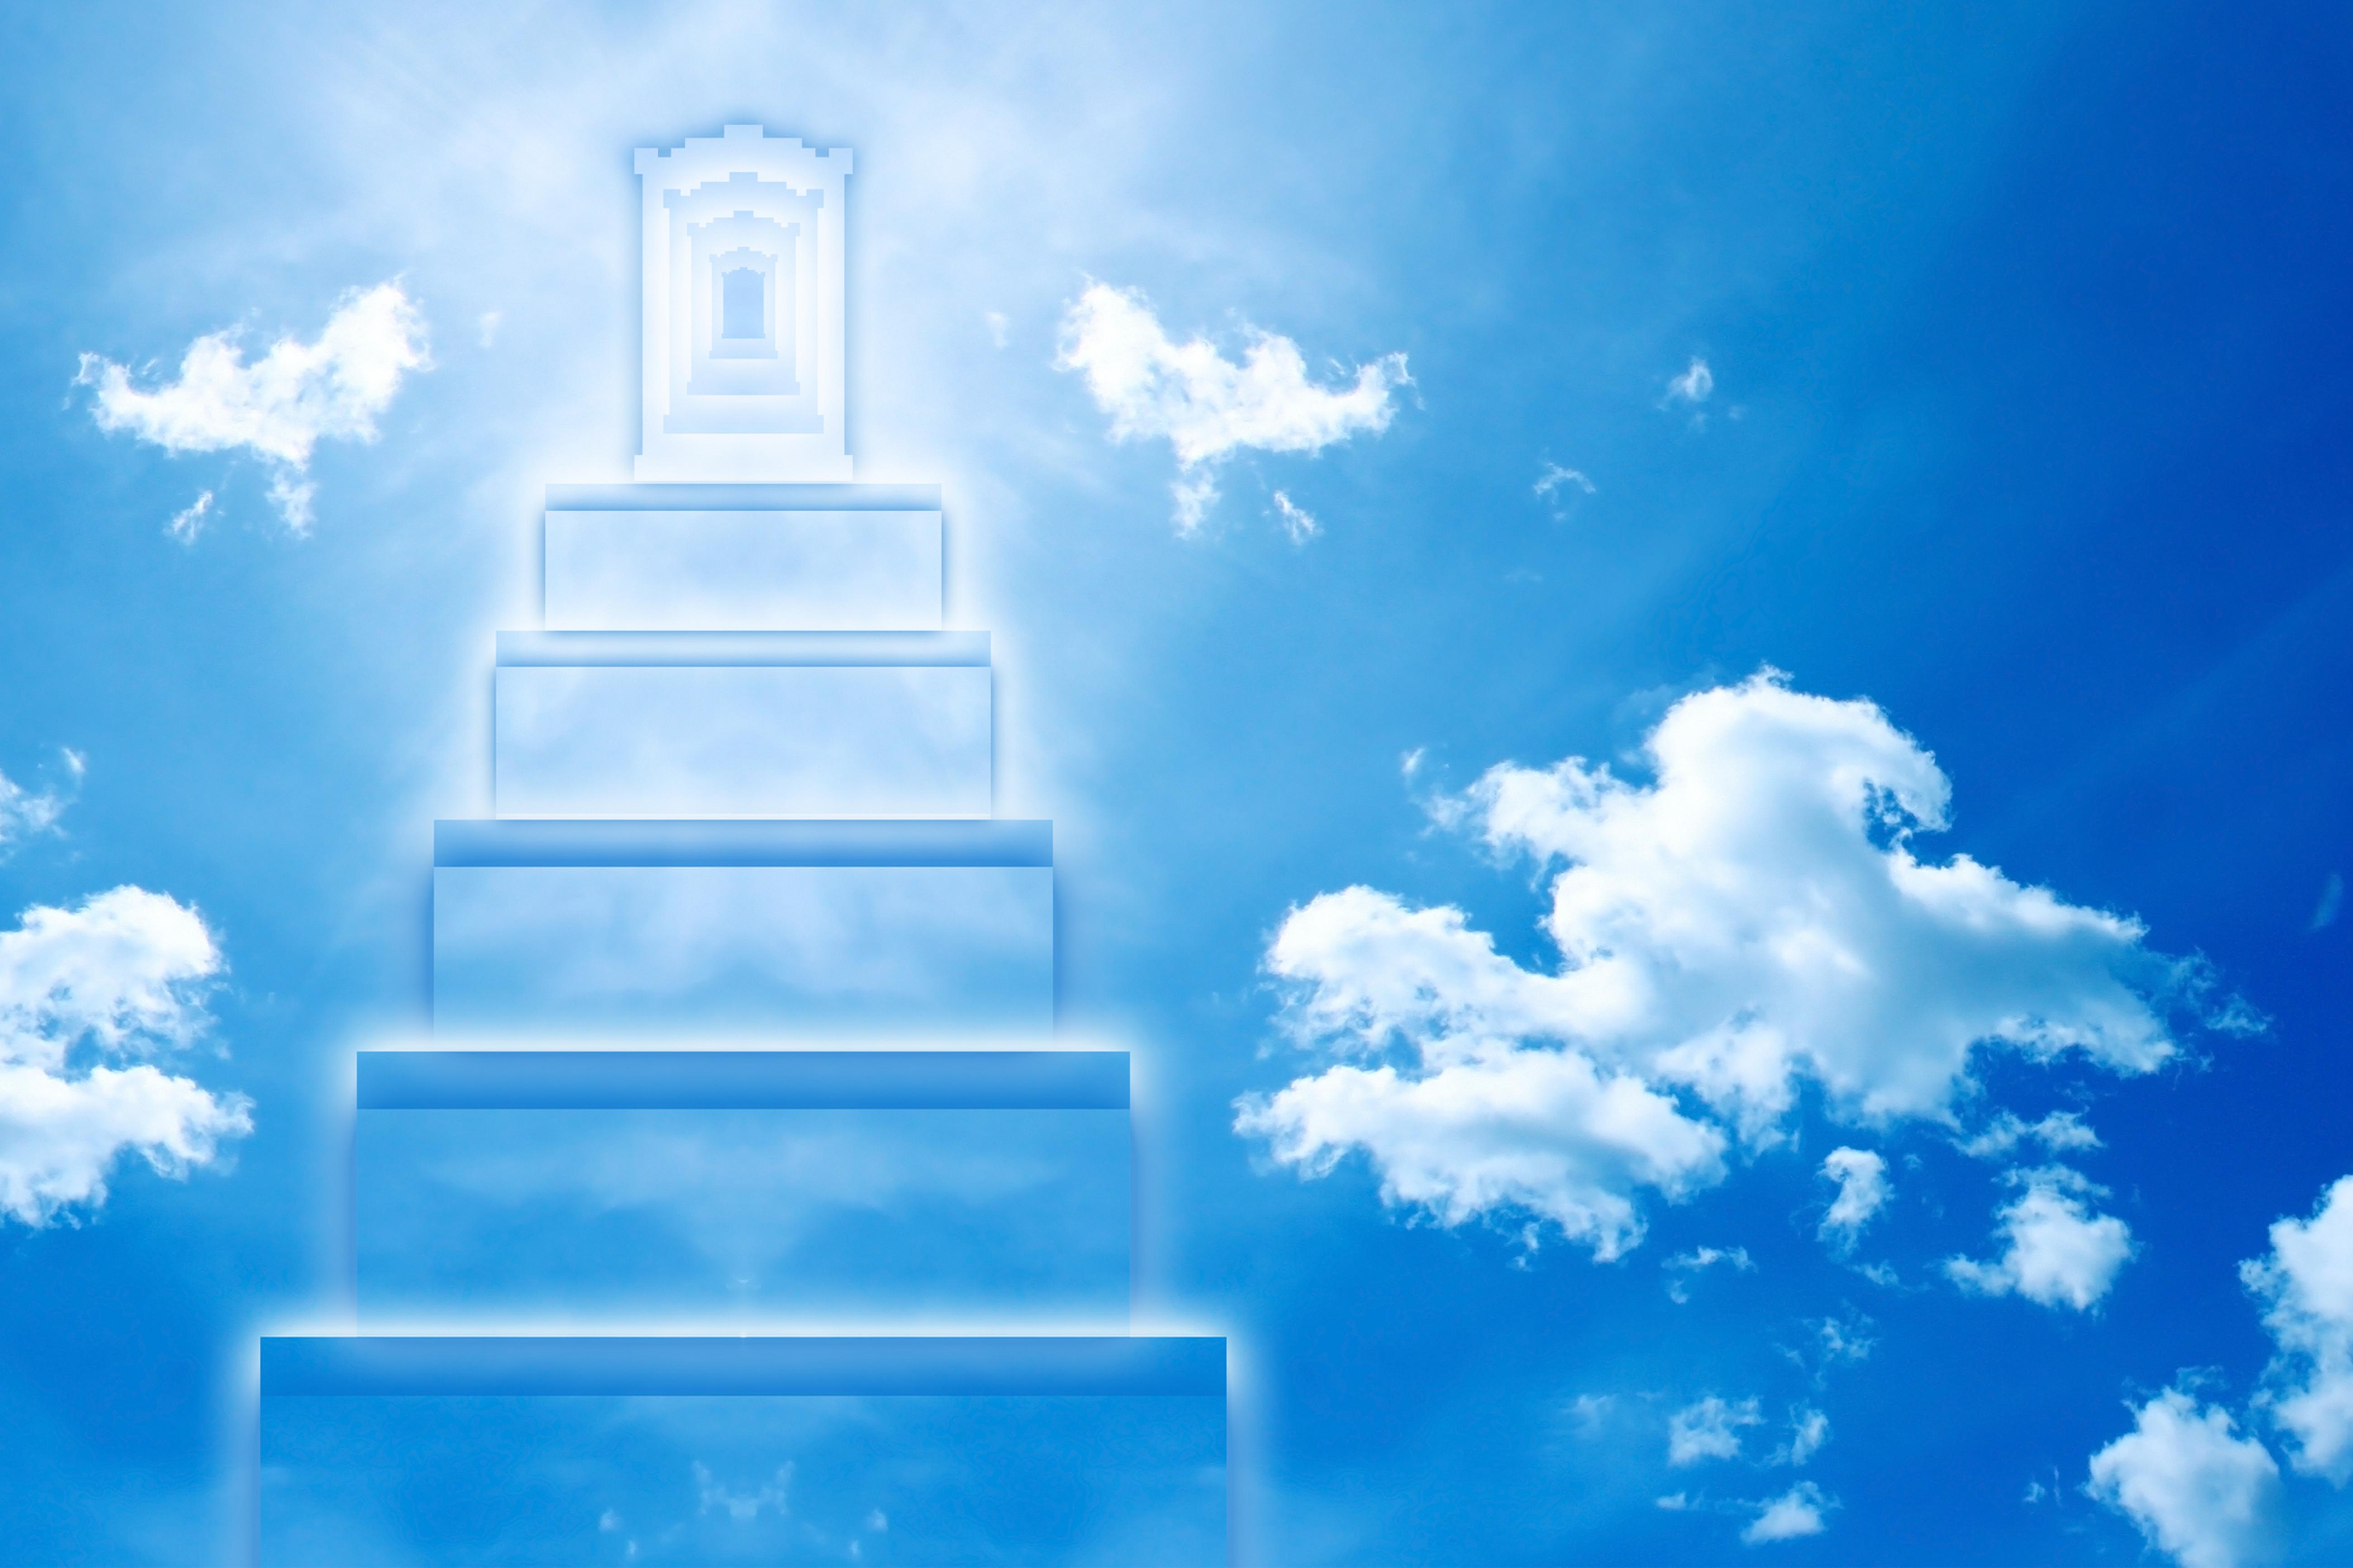 разблокировки лестница в небо картинка для рабочего стола можно